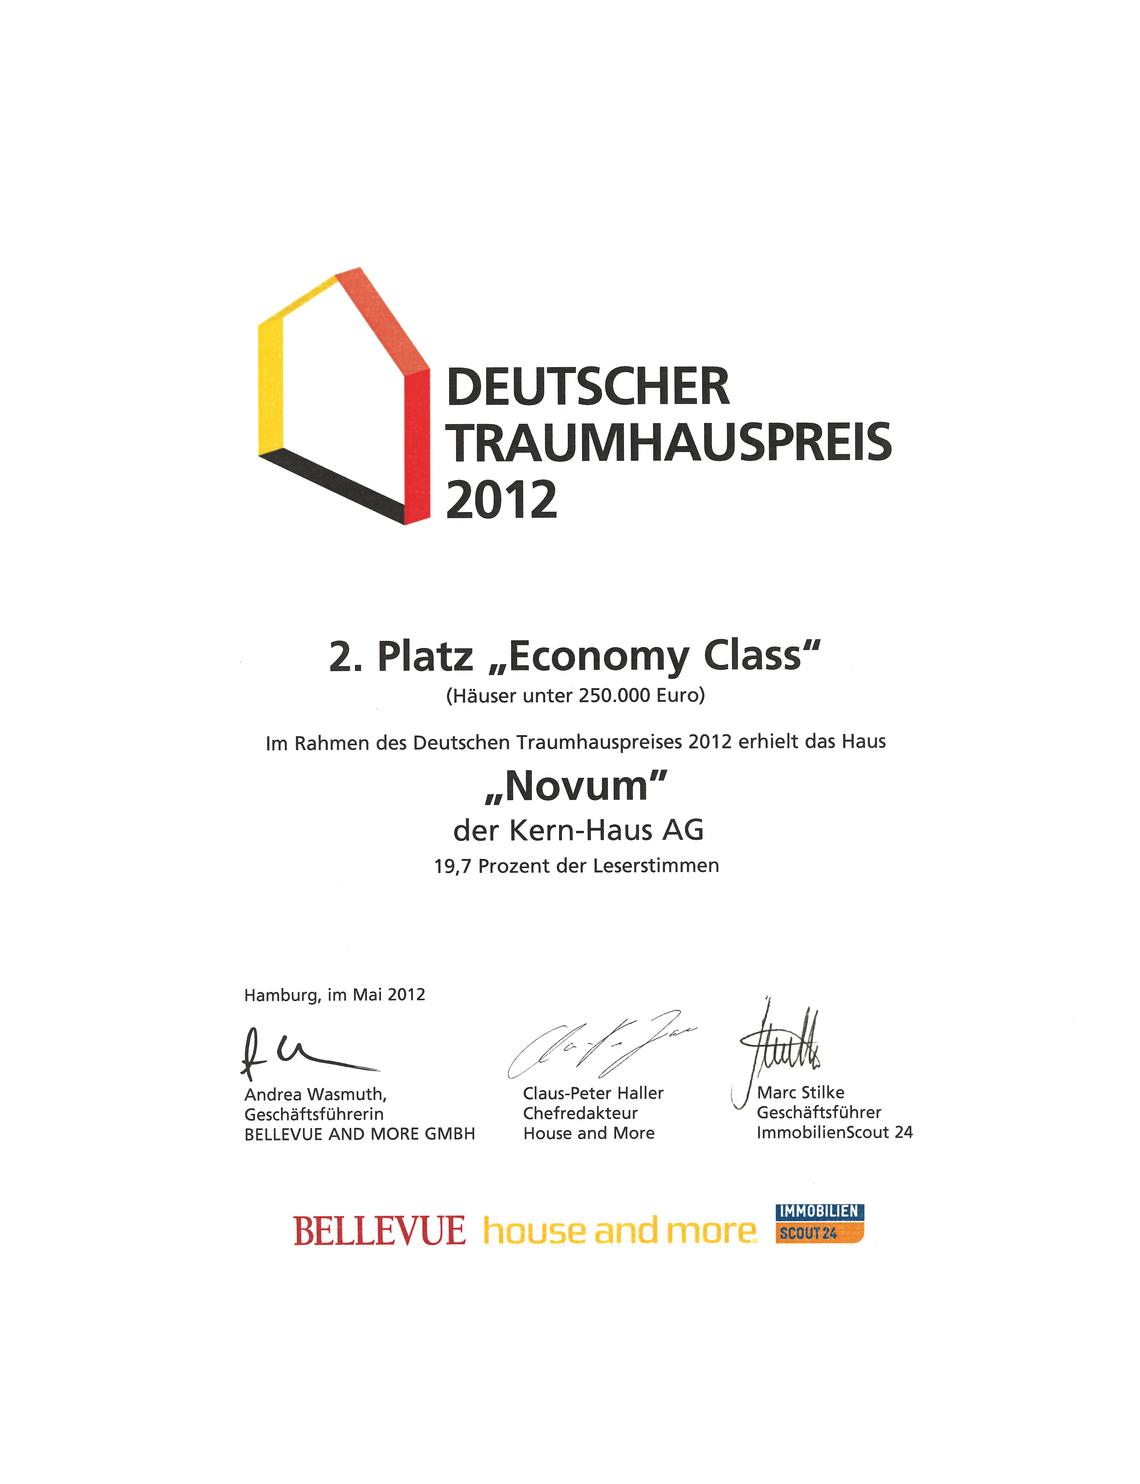 Urkunde Deutscher Traumhauspreis 2012: Zweiter Platz Economy Class für Novum